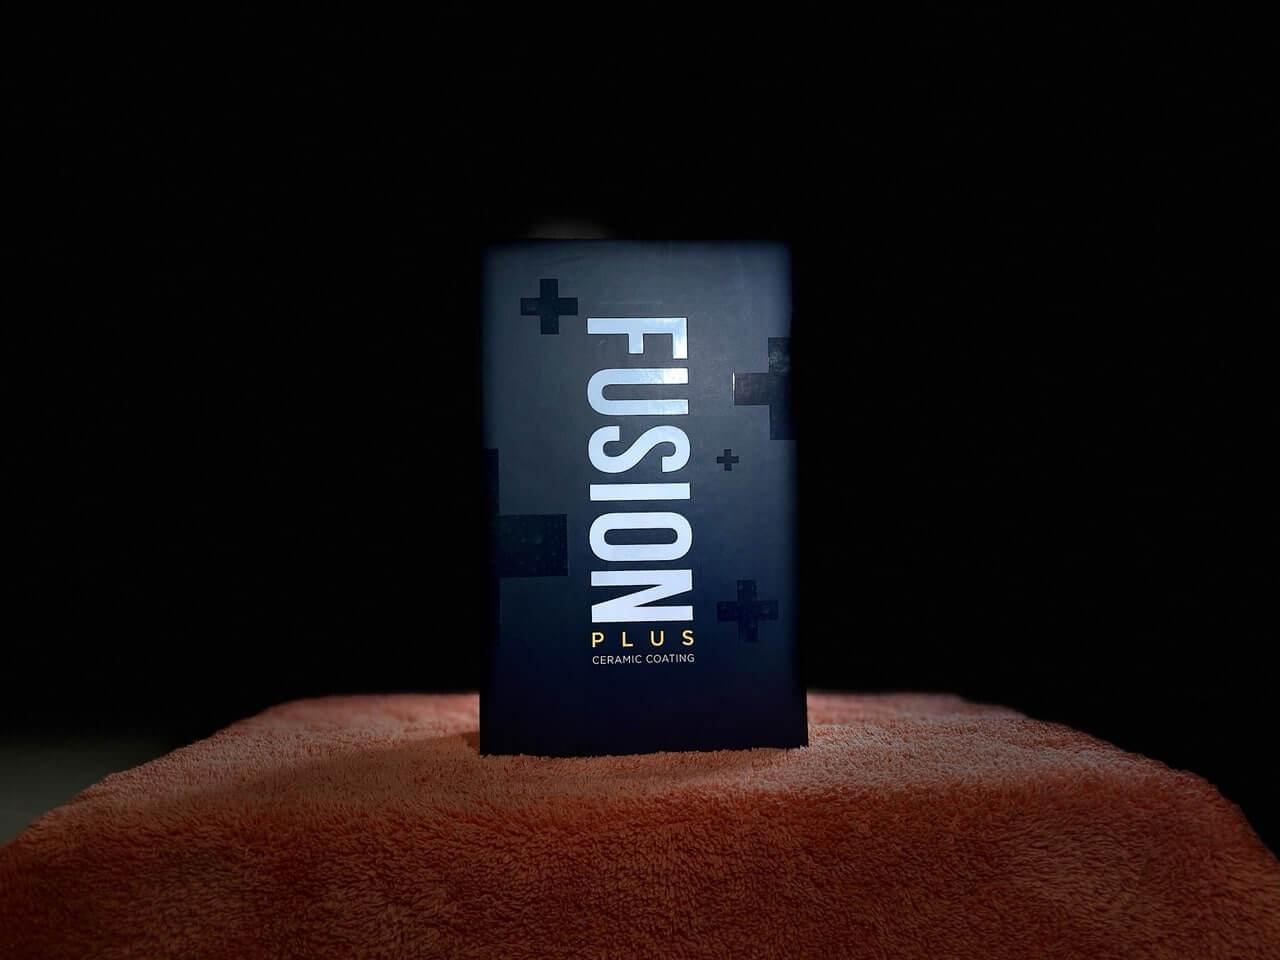 Fusion Ceramic Coating